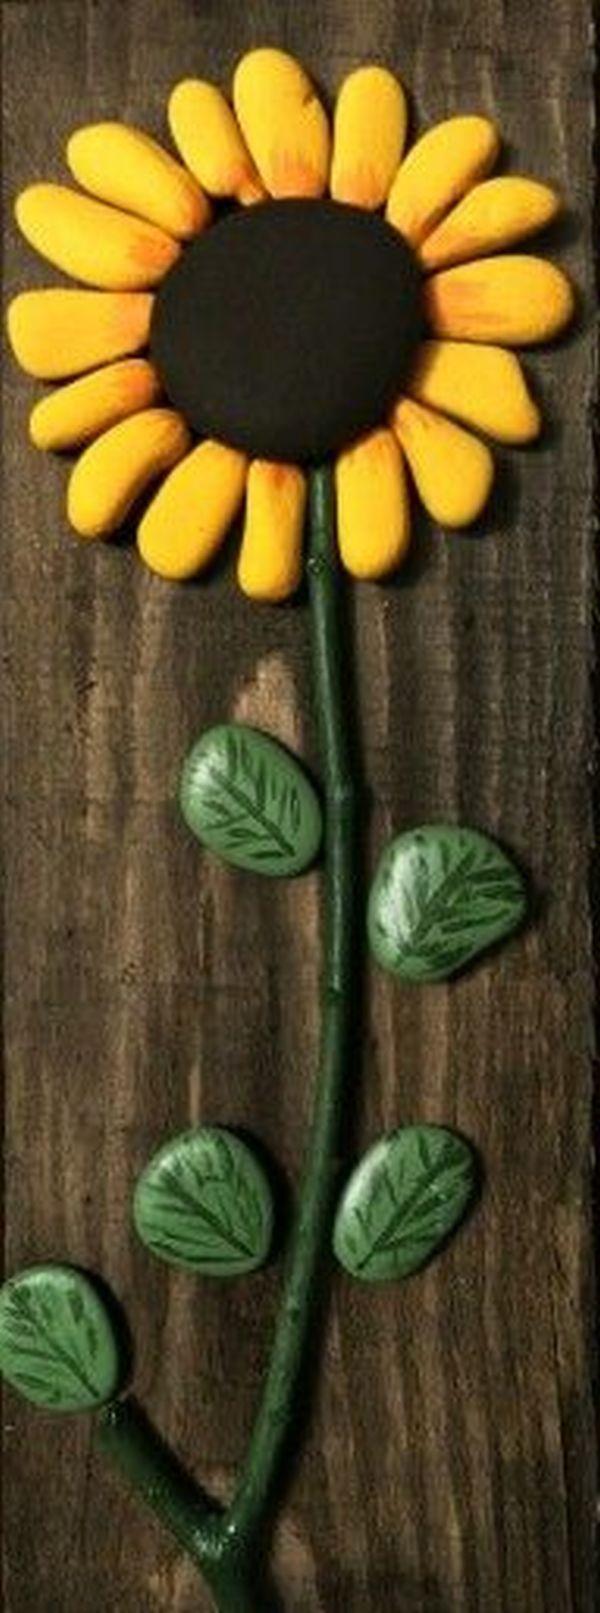 Decorative stones art11